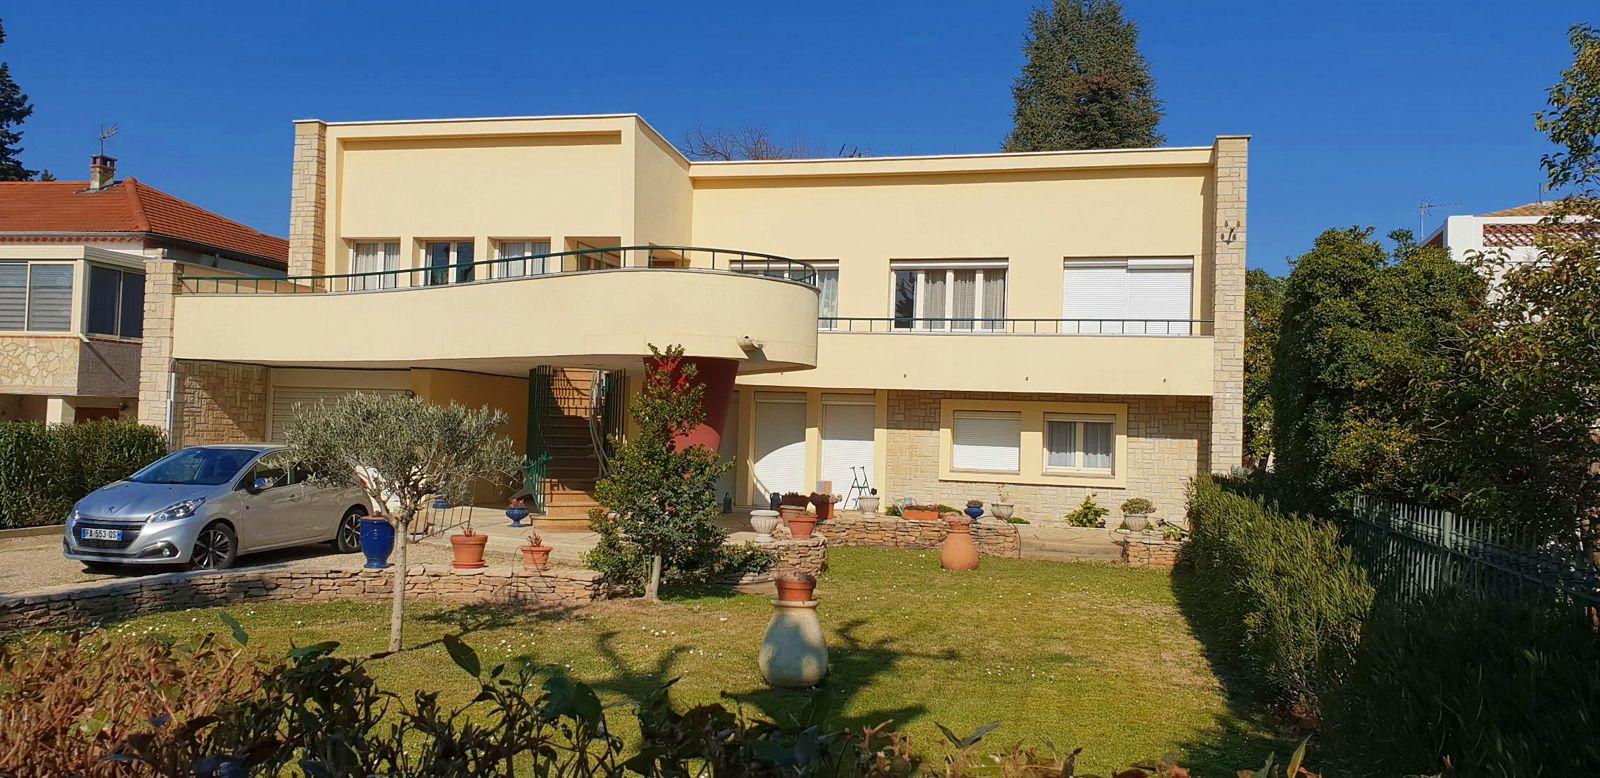 Vends villa 1955,188m², 5chambres à Pierrelatte (26) Drôme